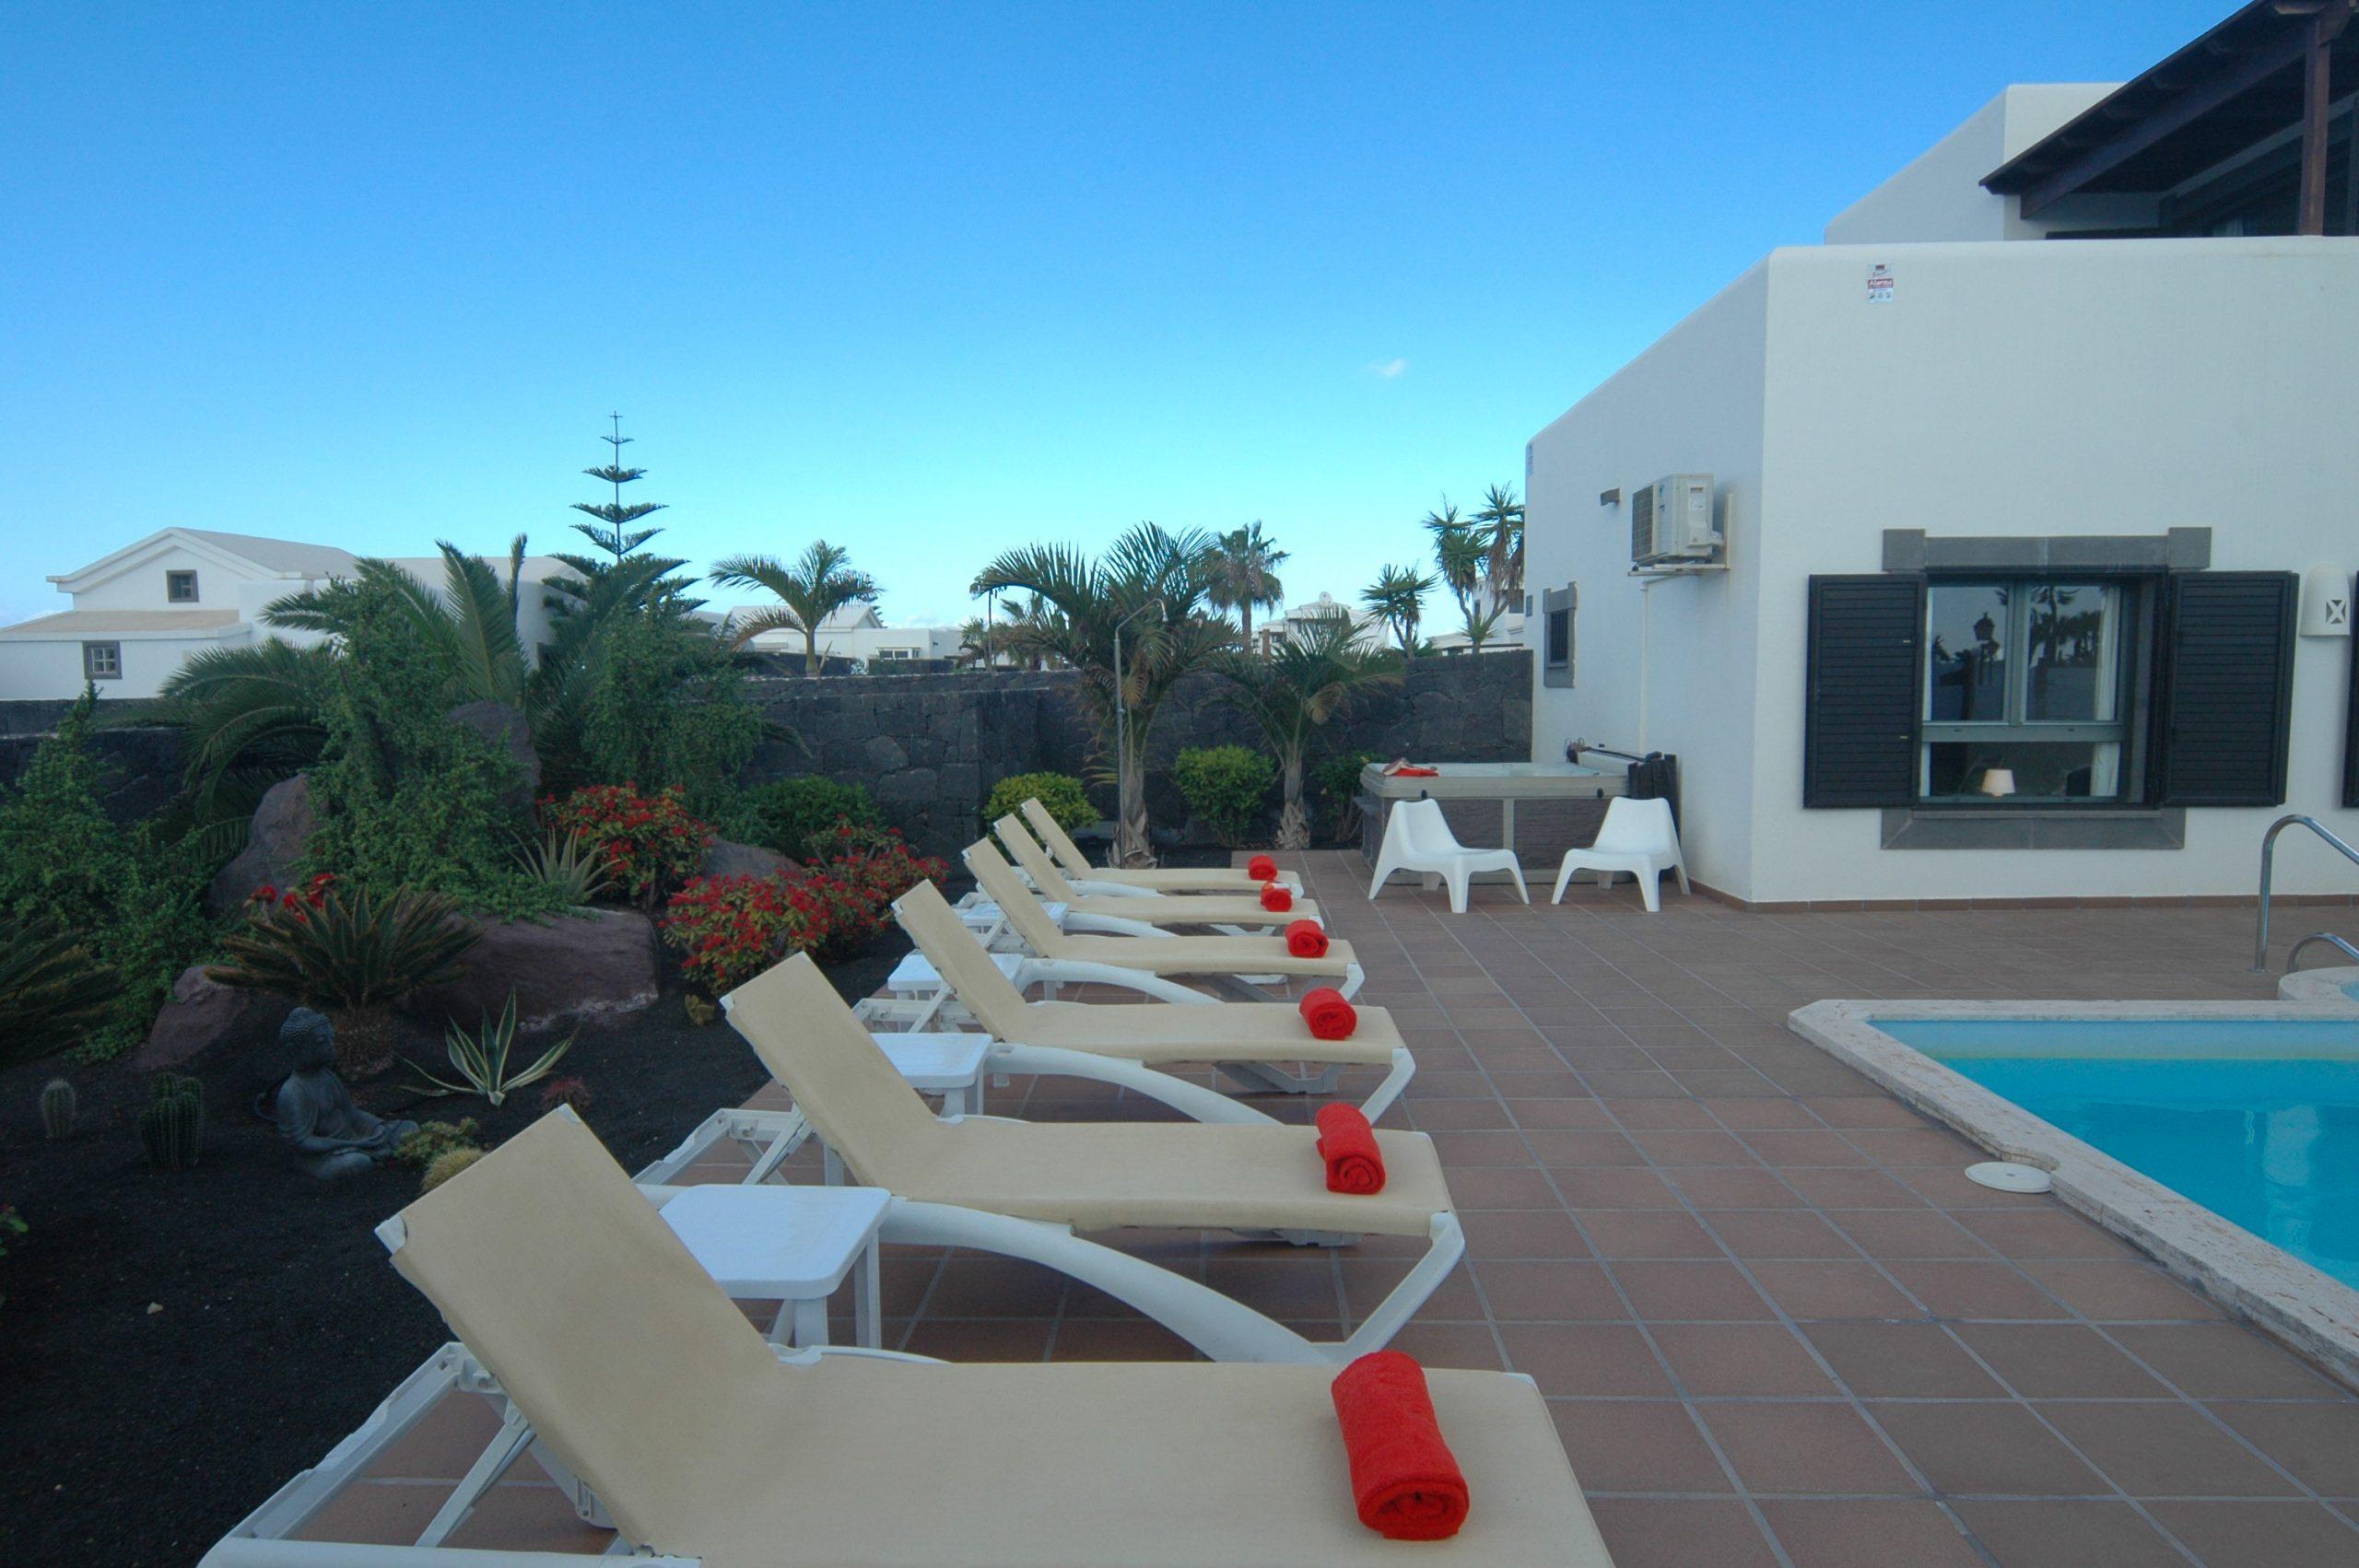 Villa_LVC338912 - Playa Blanca Villa with pool and hot tub